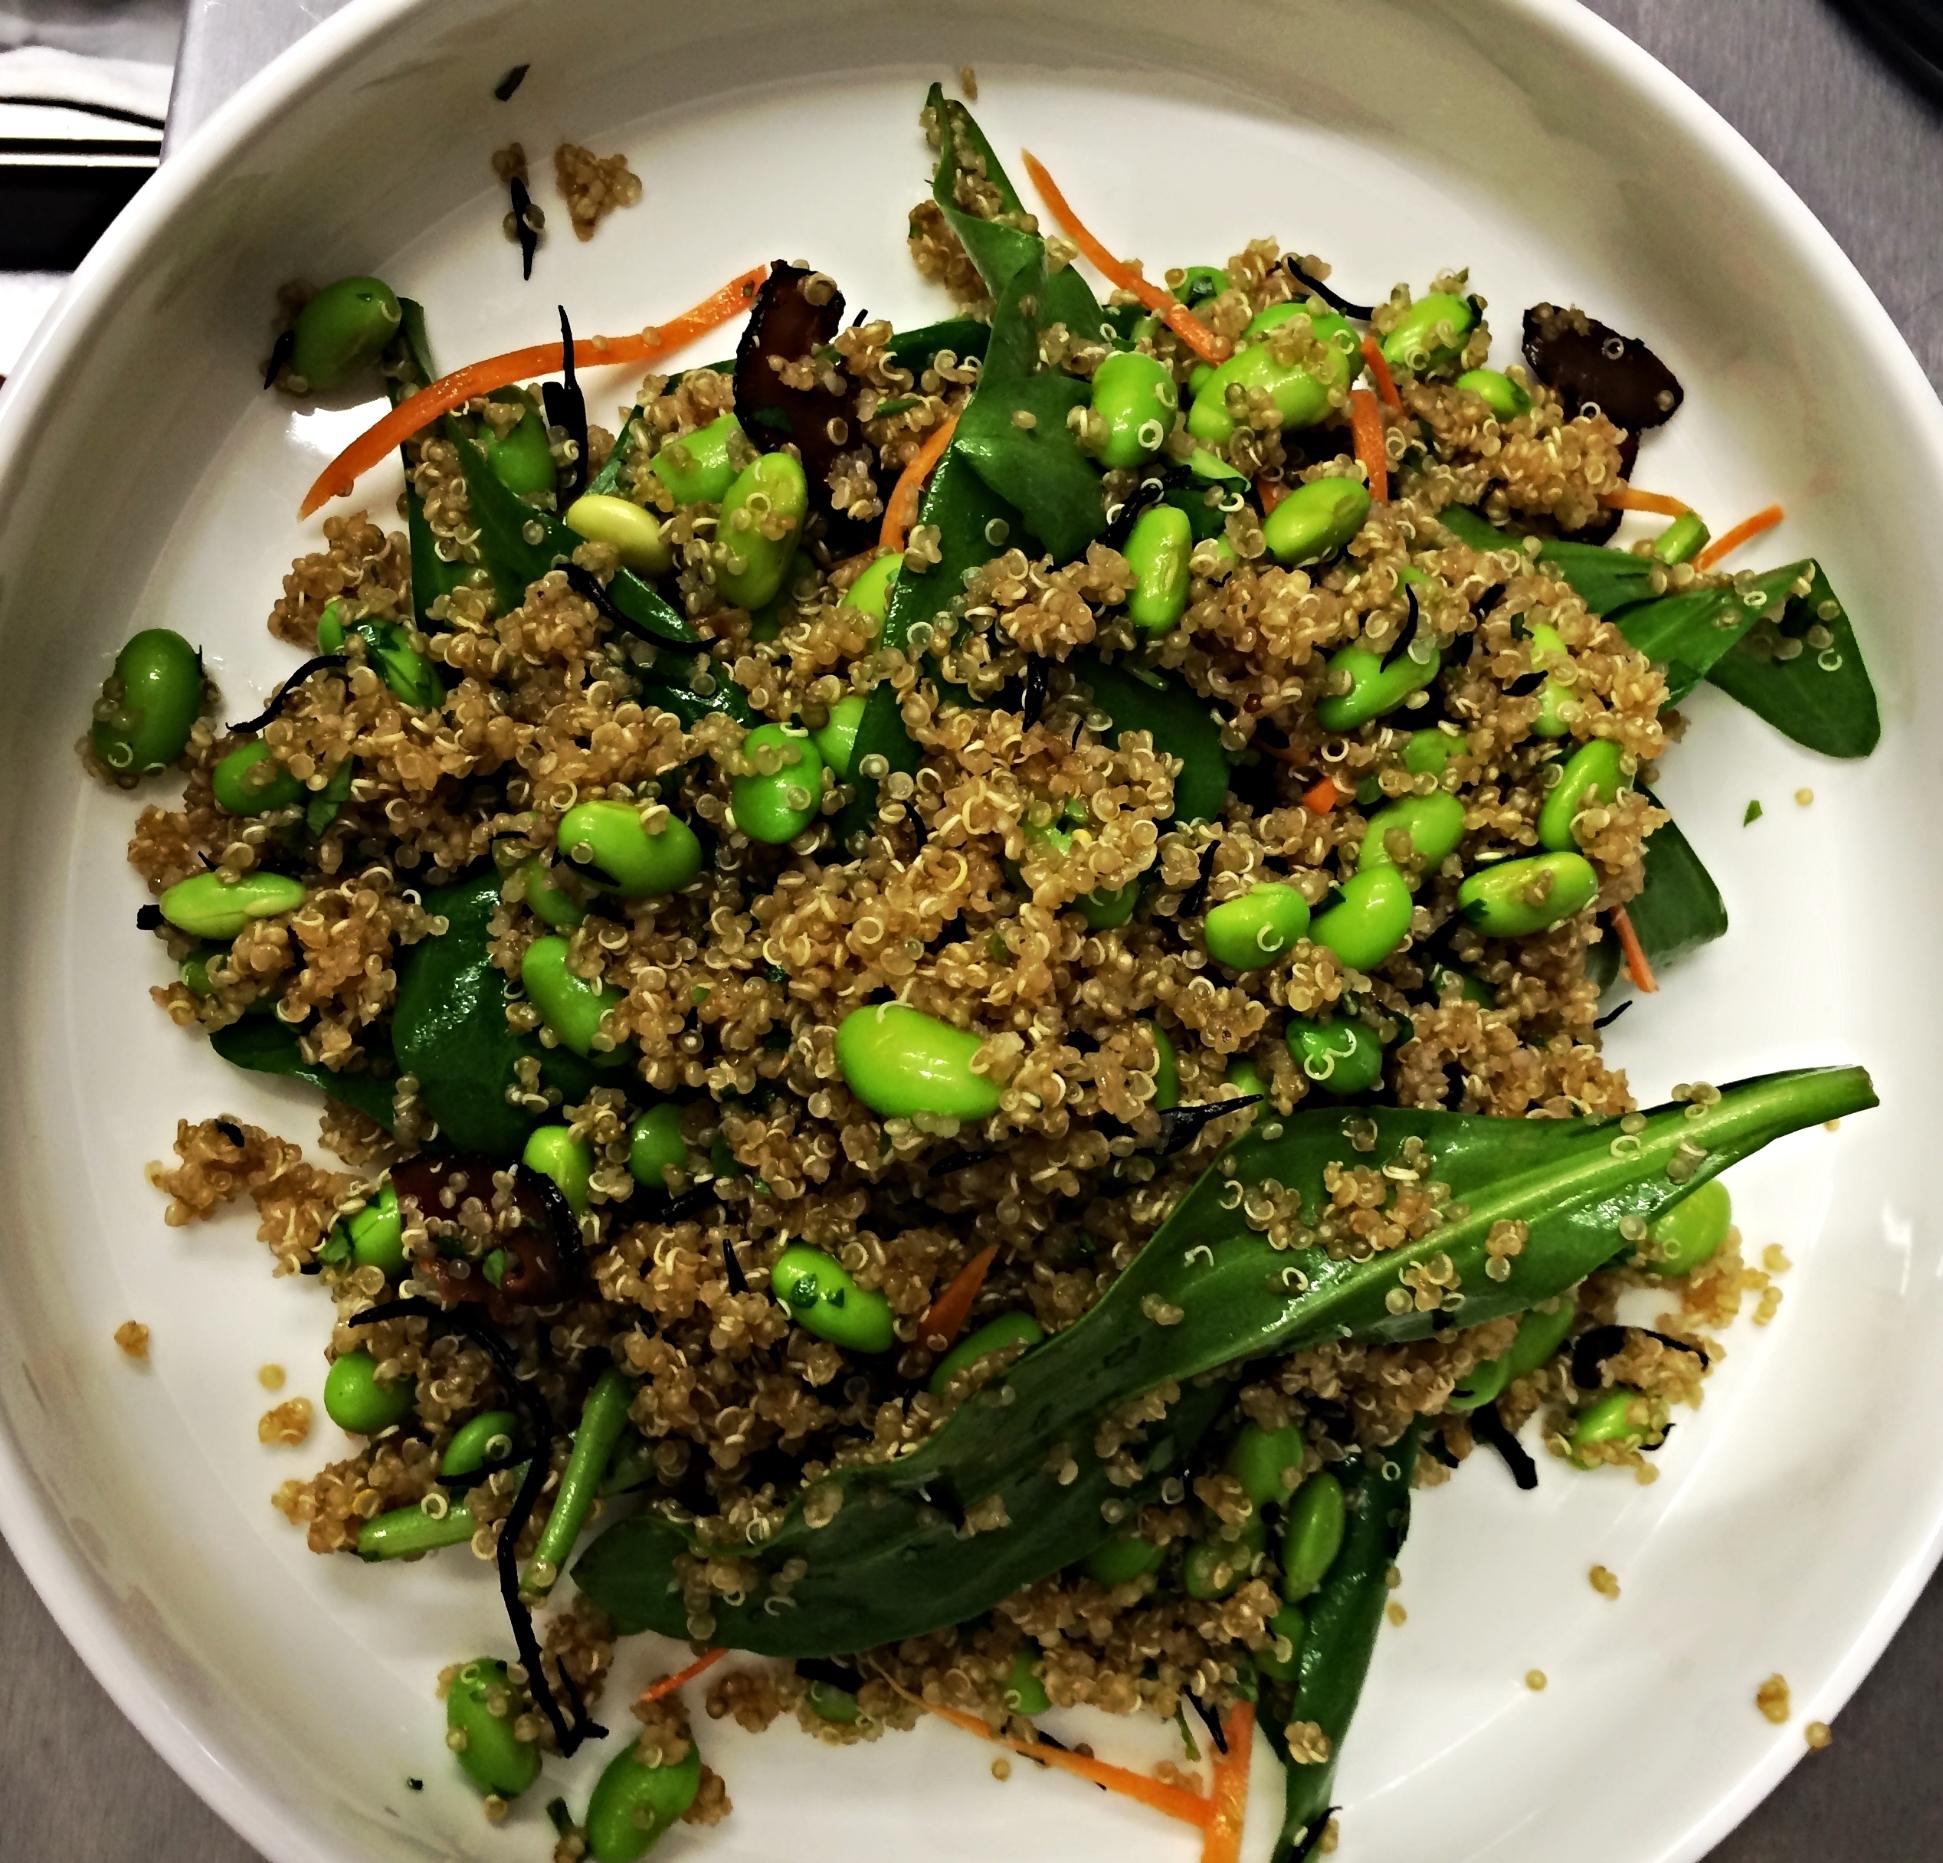 Asian quinoa salad